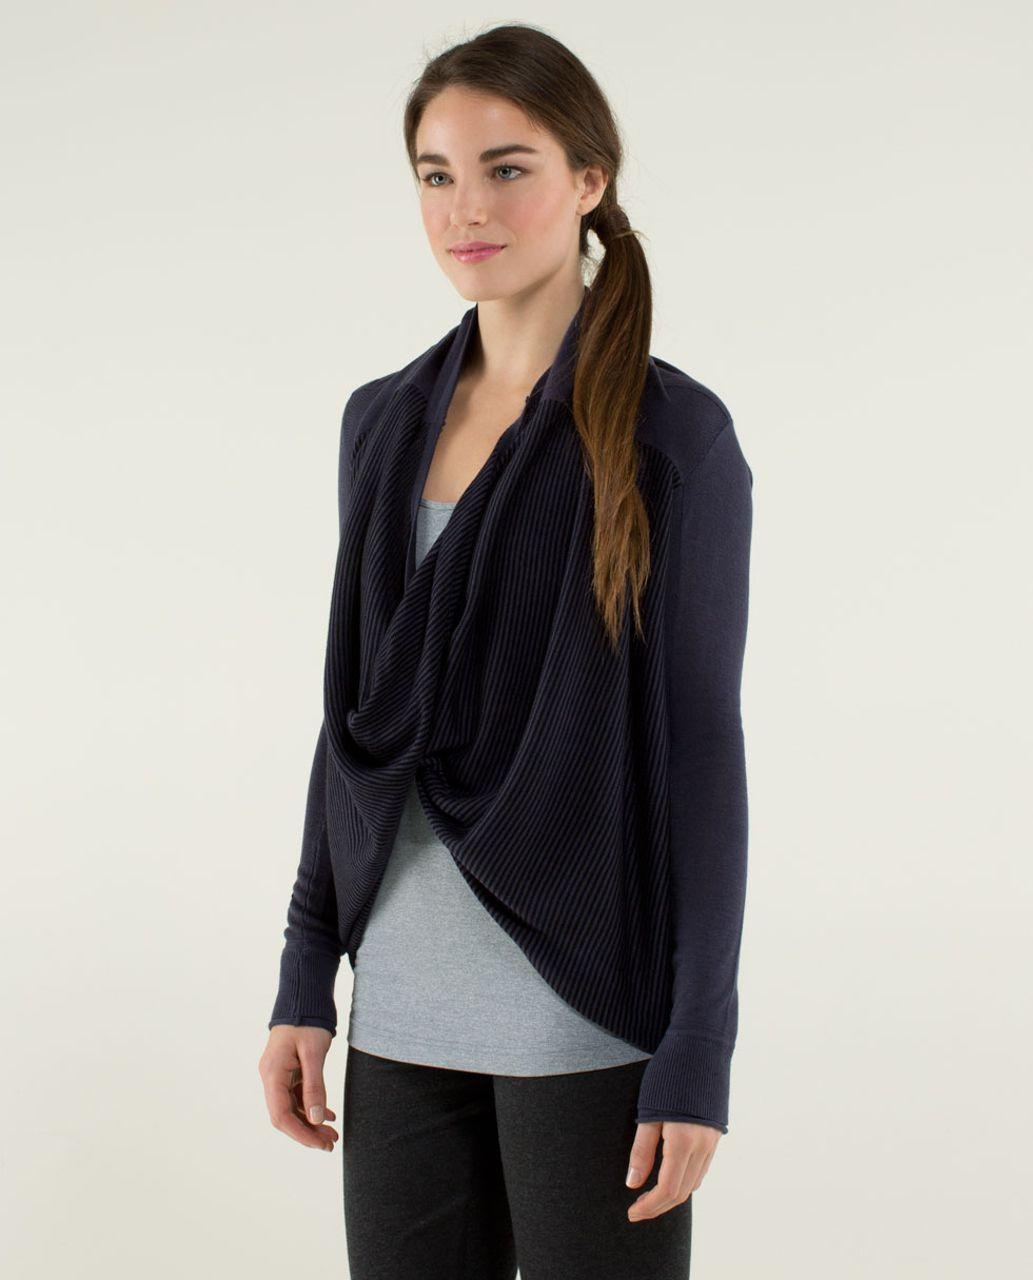 Lululemon Iconic Sweater Wrap - Cadet Blue / Black - lulu fanatics